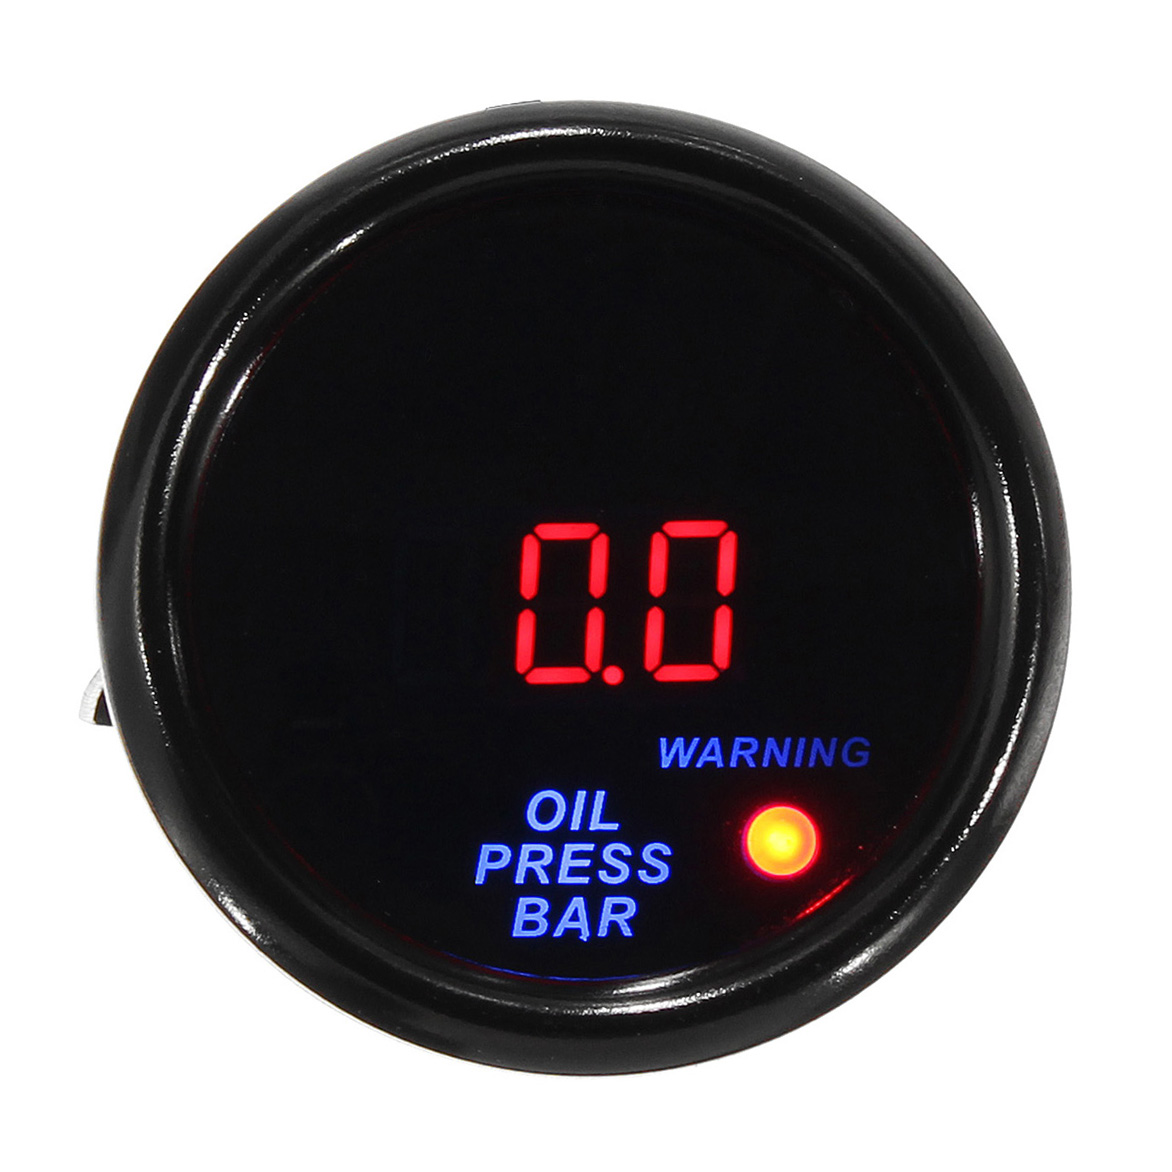 Дюймов 52 мм 0 - 10 бар LED Цифровой Дисплей Масло Манометр